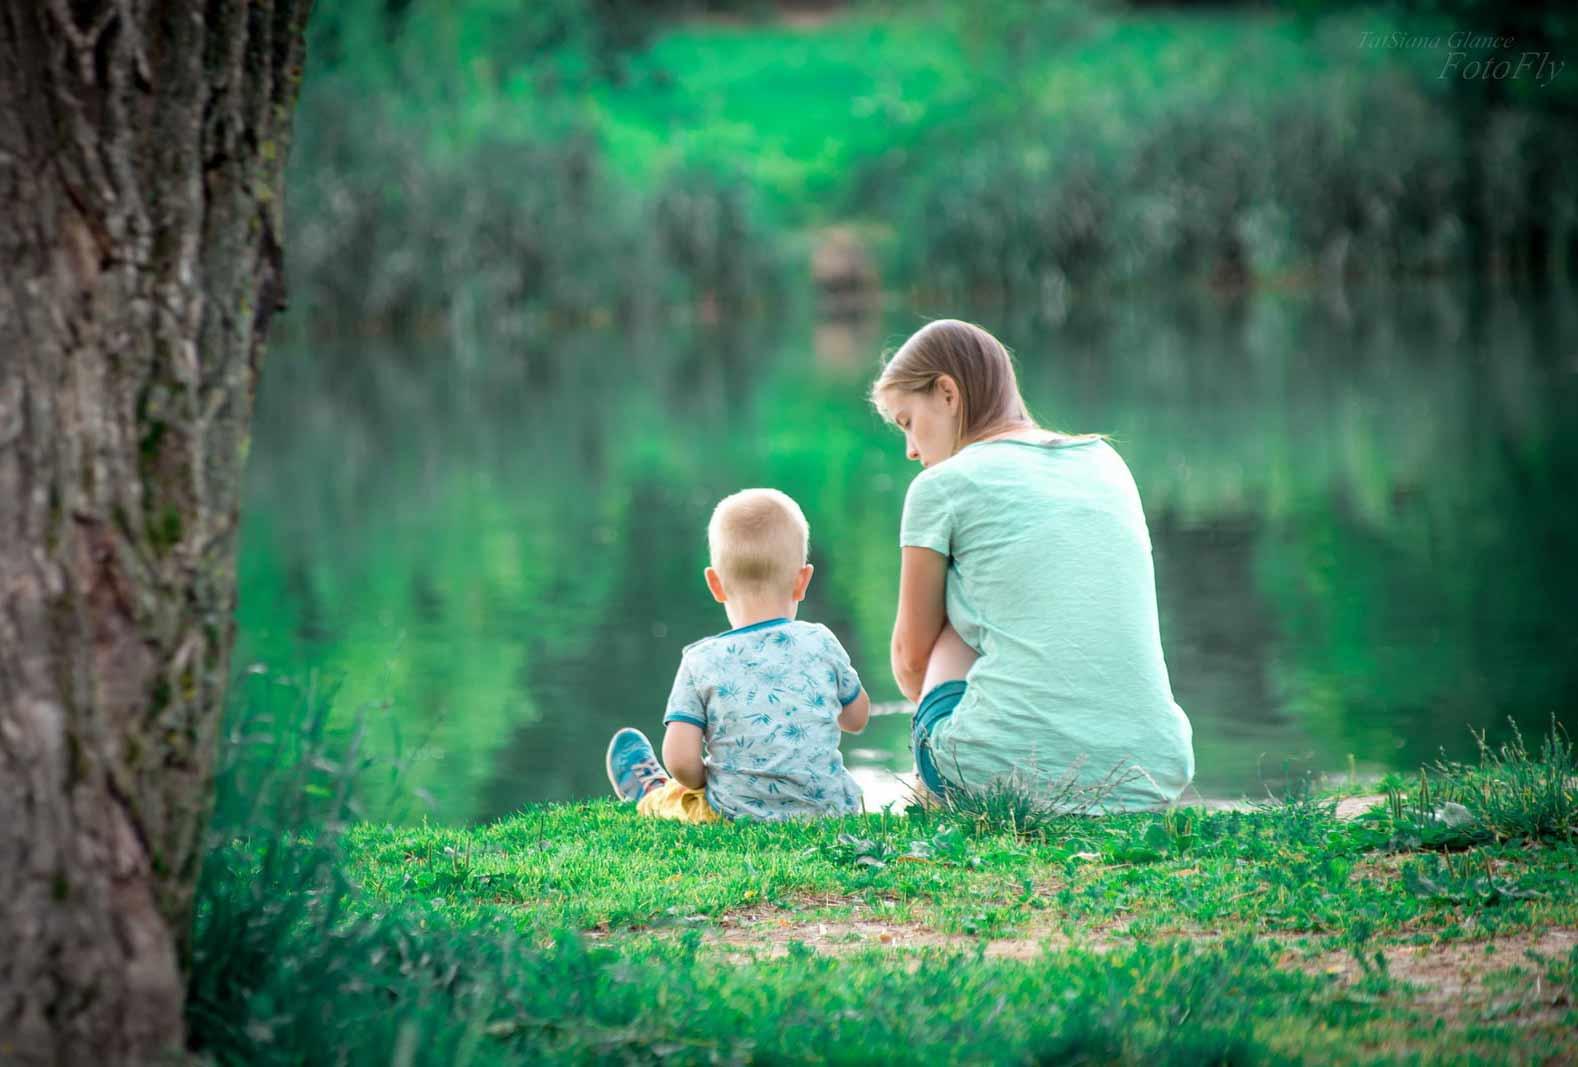 #фотосессия, #семейная_фотосессия, #детская_фотосессия, #детская_фотосъёмка, #семейная_фотосъёмка, #фотограф, #семейный_фотограф, #детский_фотограф, #фотосессия_на_природе, #фотосессия_в_парке, #фотограф_минск